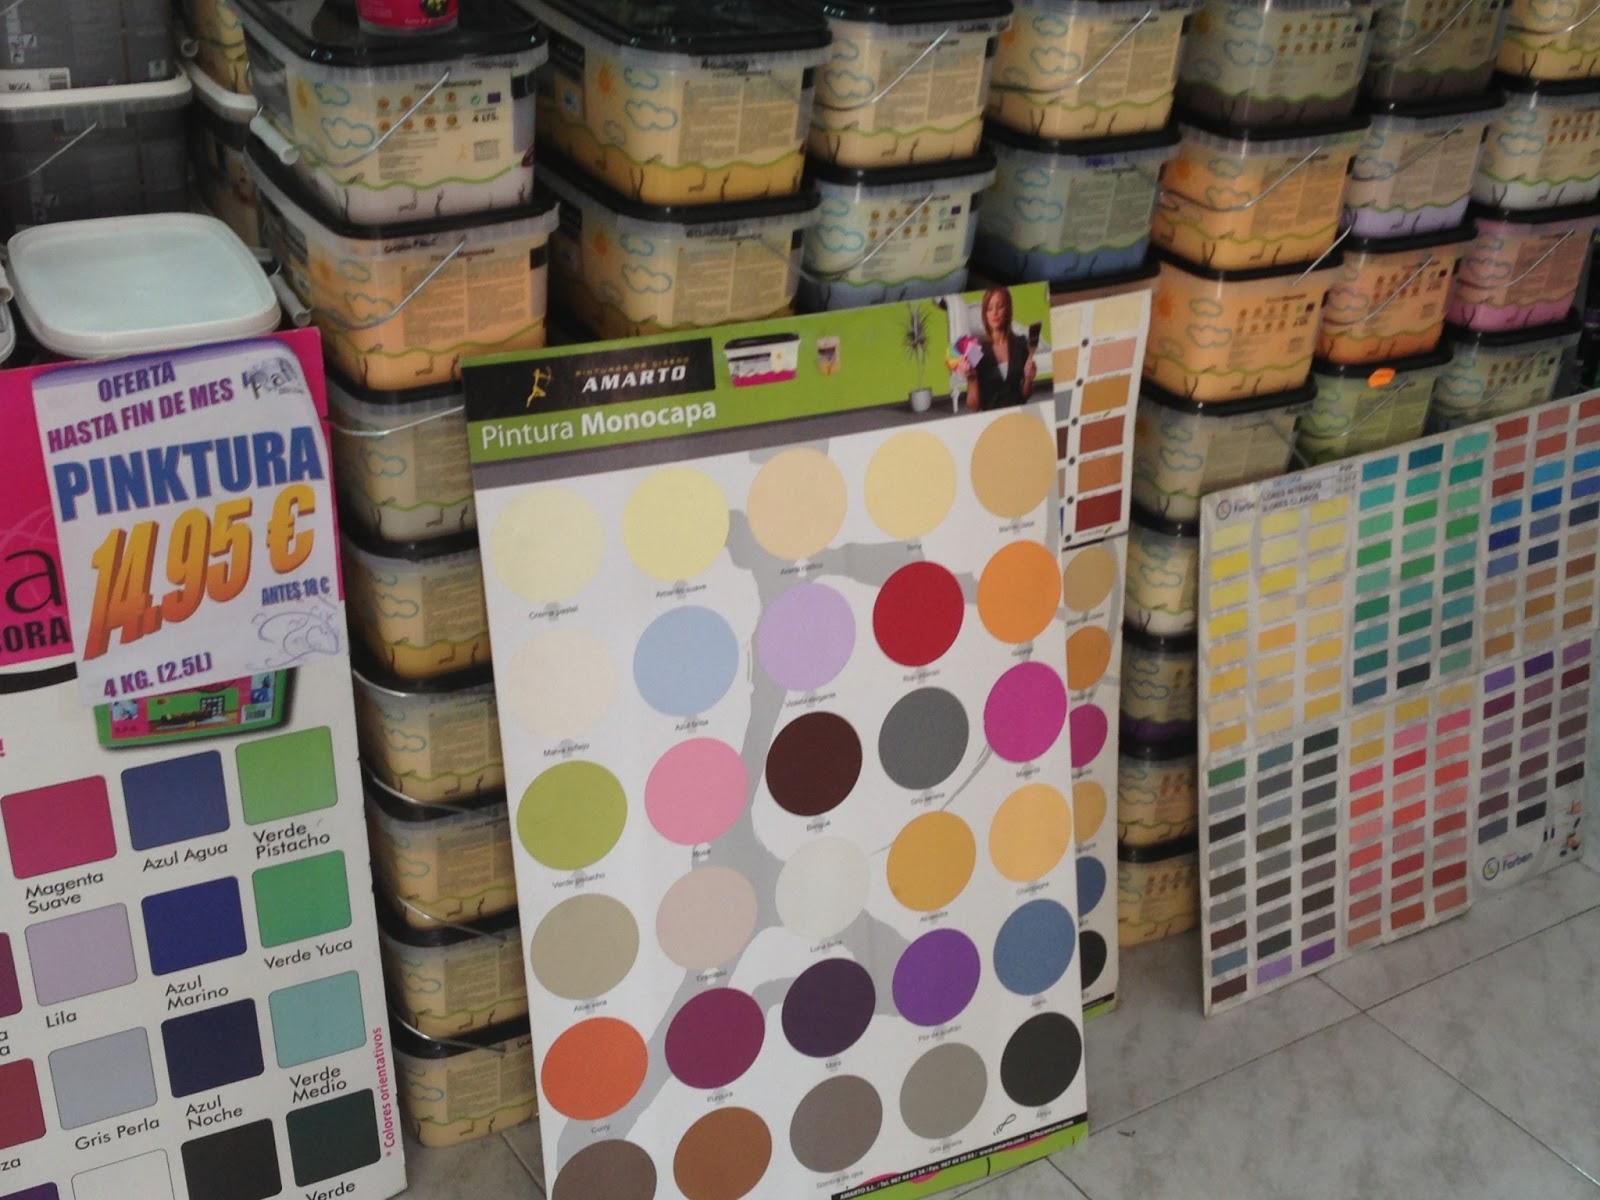 Red de comercio tico cruz humilladero pinturas rafi m laga - Mejor pintura plastica ...